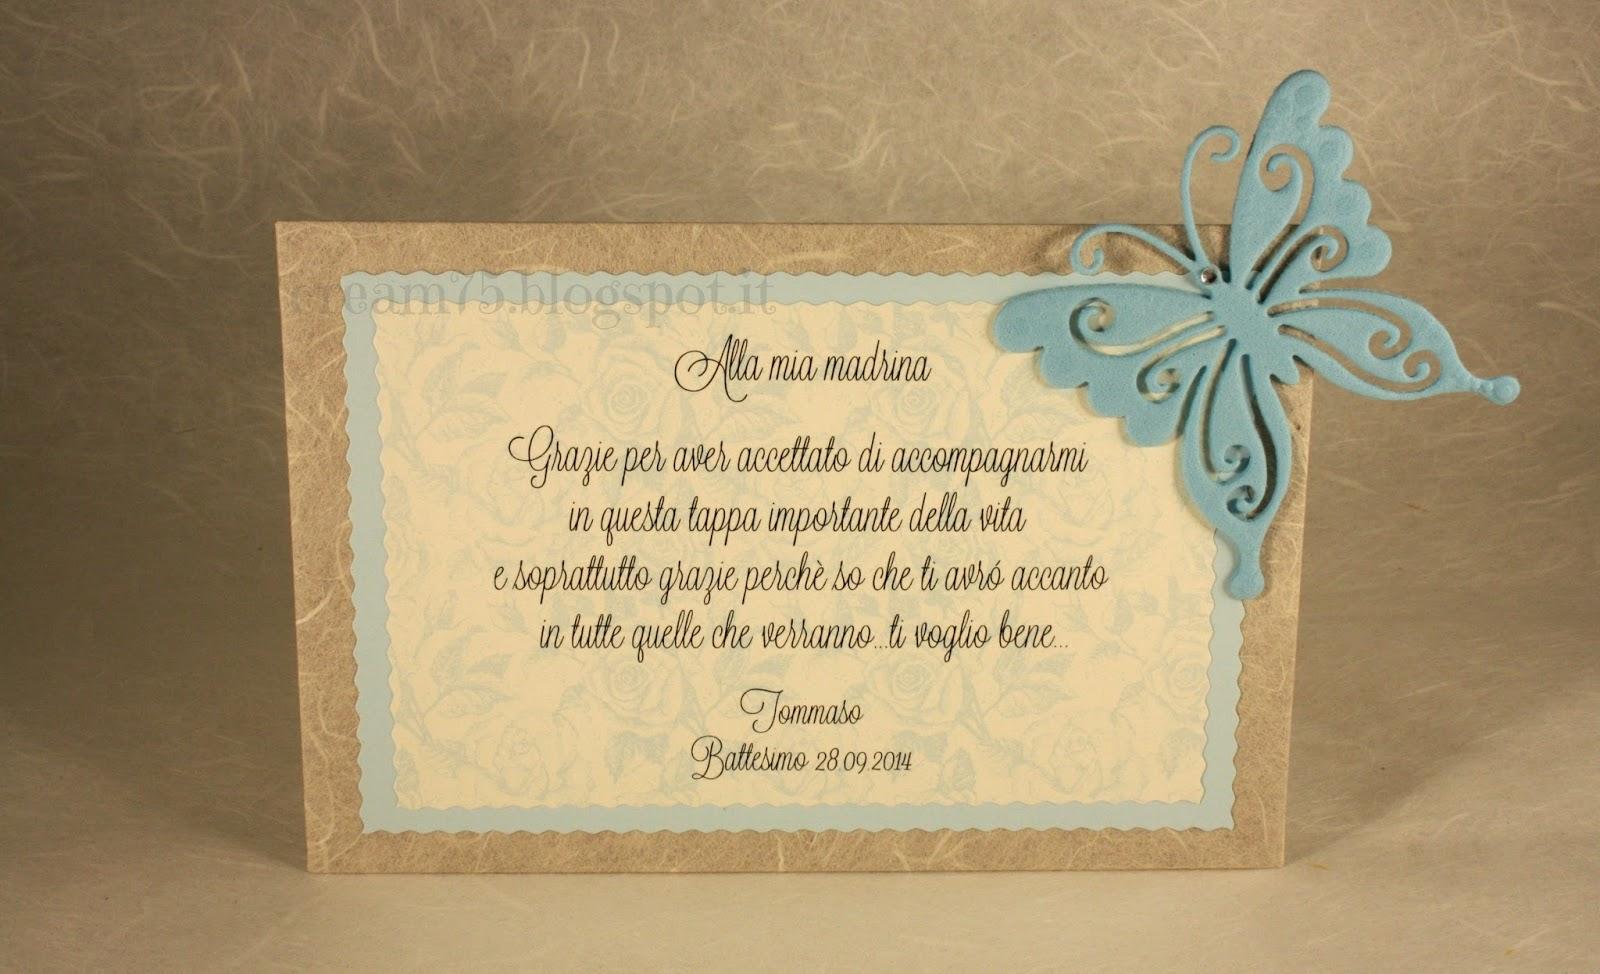 Eccezionale My Sweet Blog: Ricordo Battesimo per madrina e padrino RV14